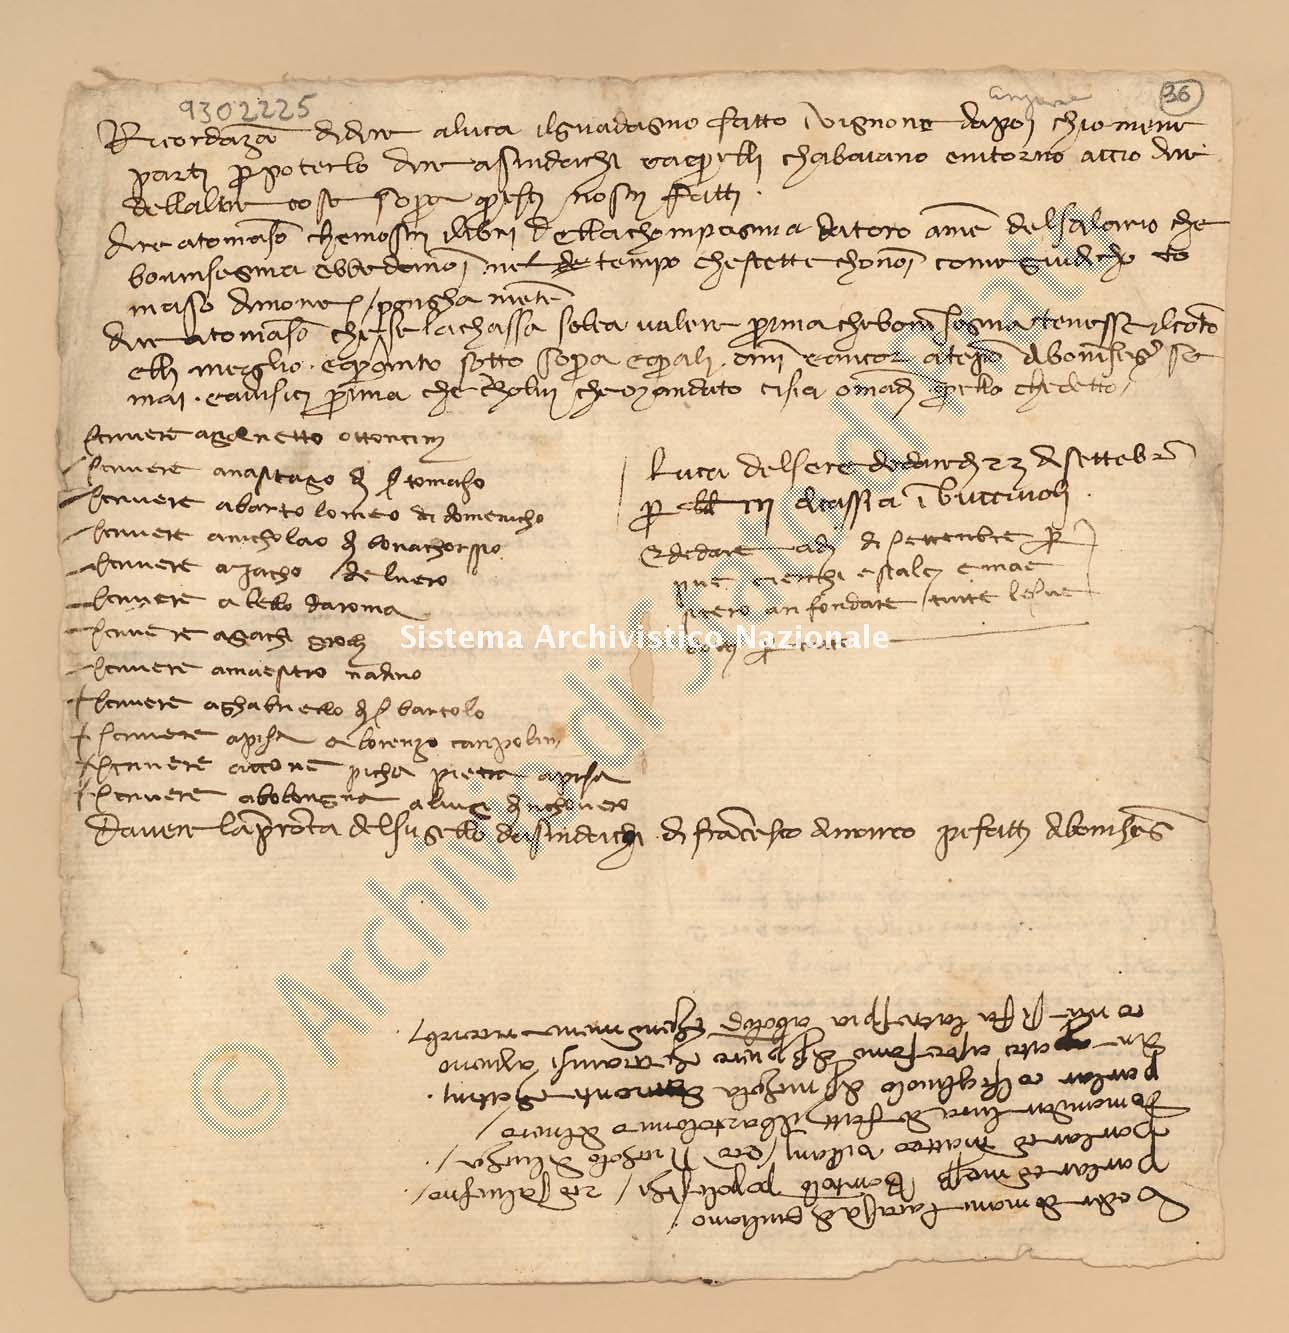 Archivio di Stato di Prato, Fondo Datini, Carteggio specializzato, Ricordanze, Busta 1166 (busta 1166, codice 9302225)